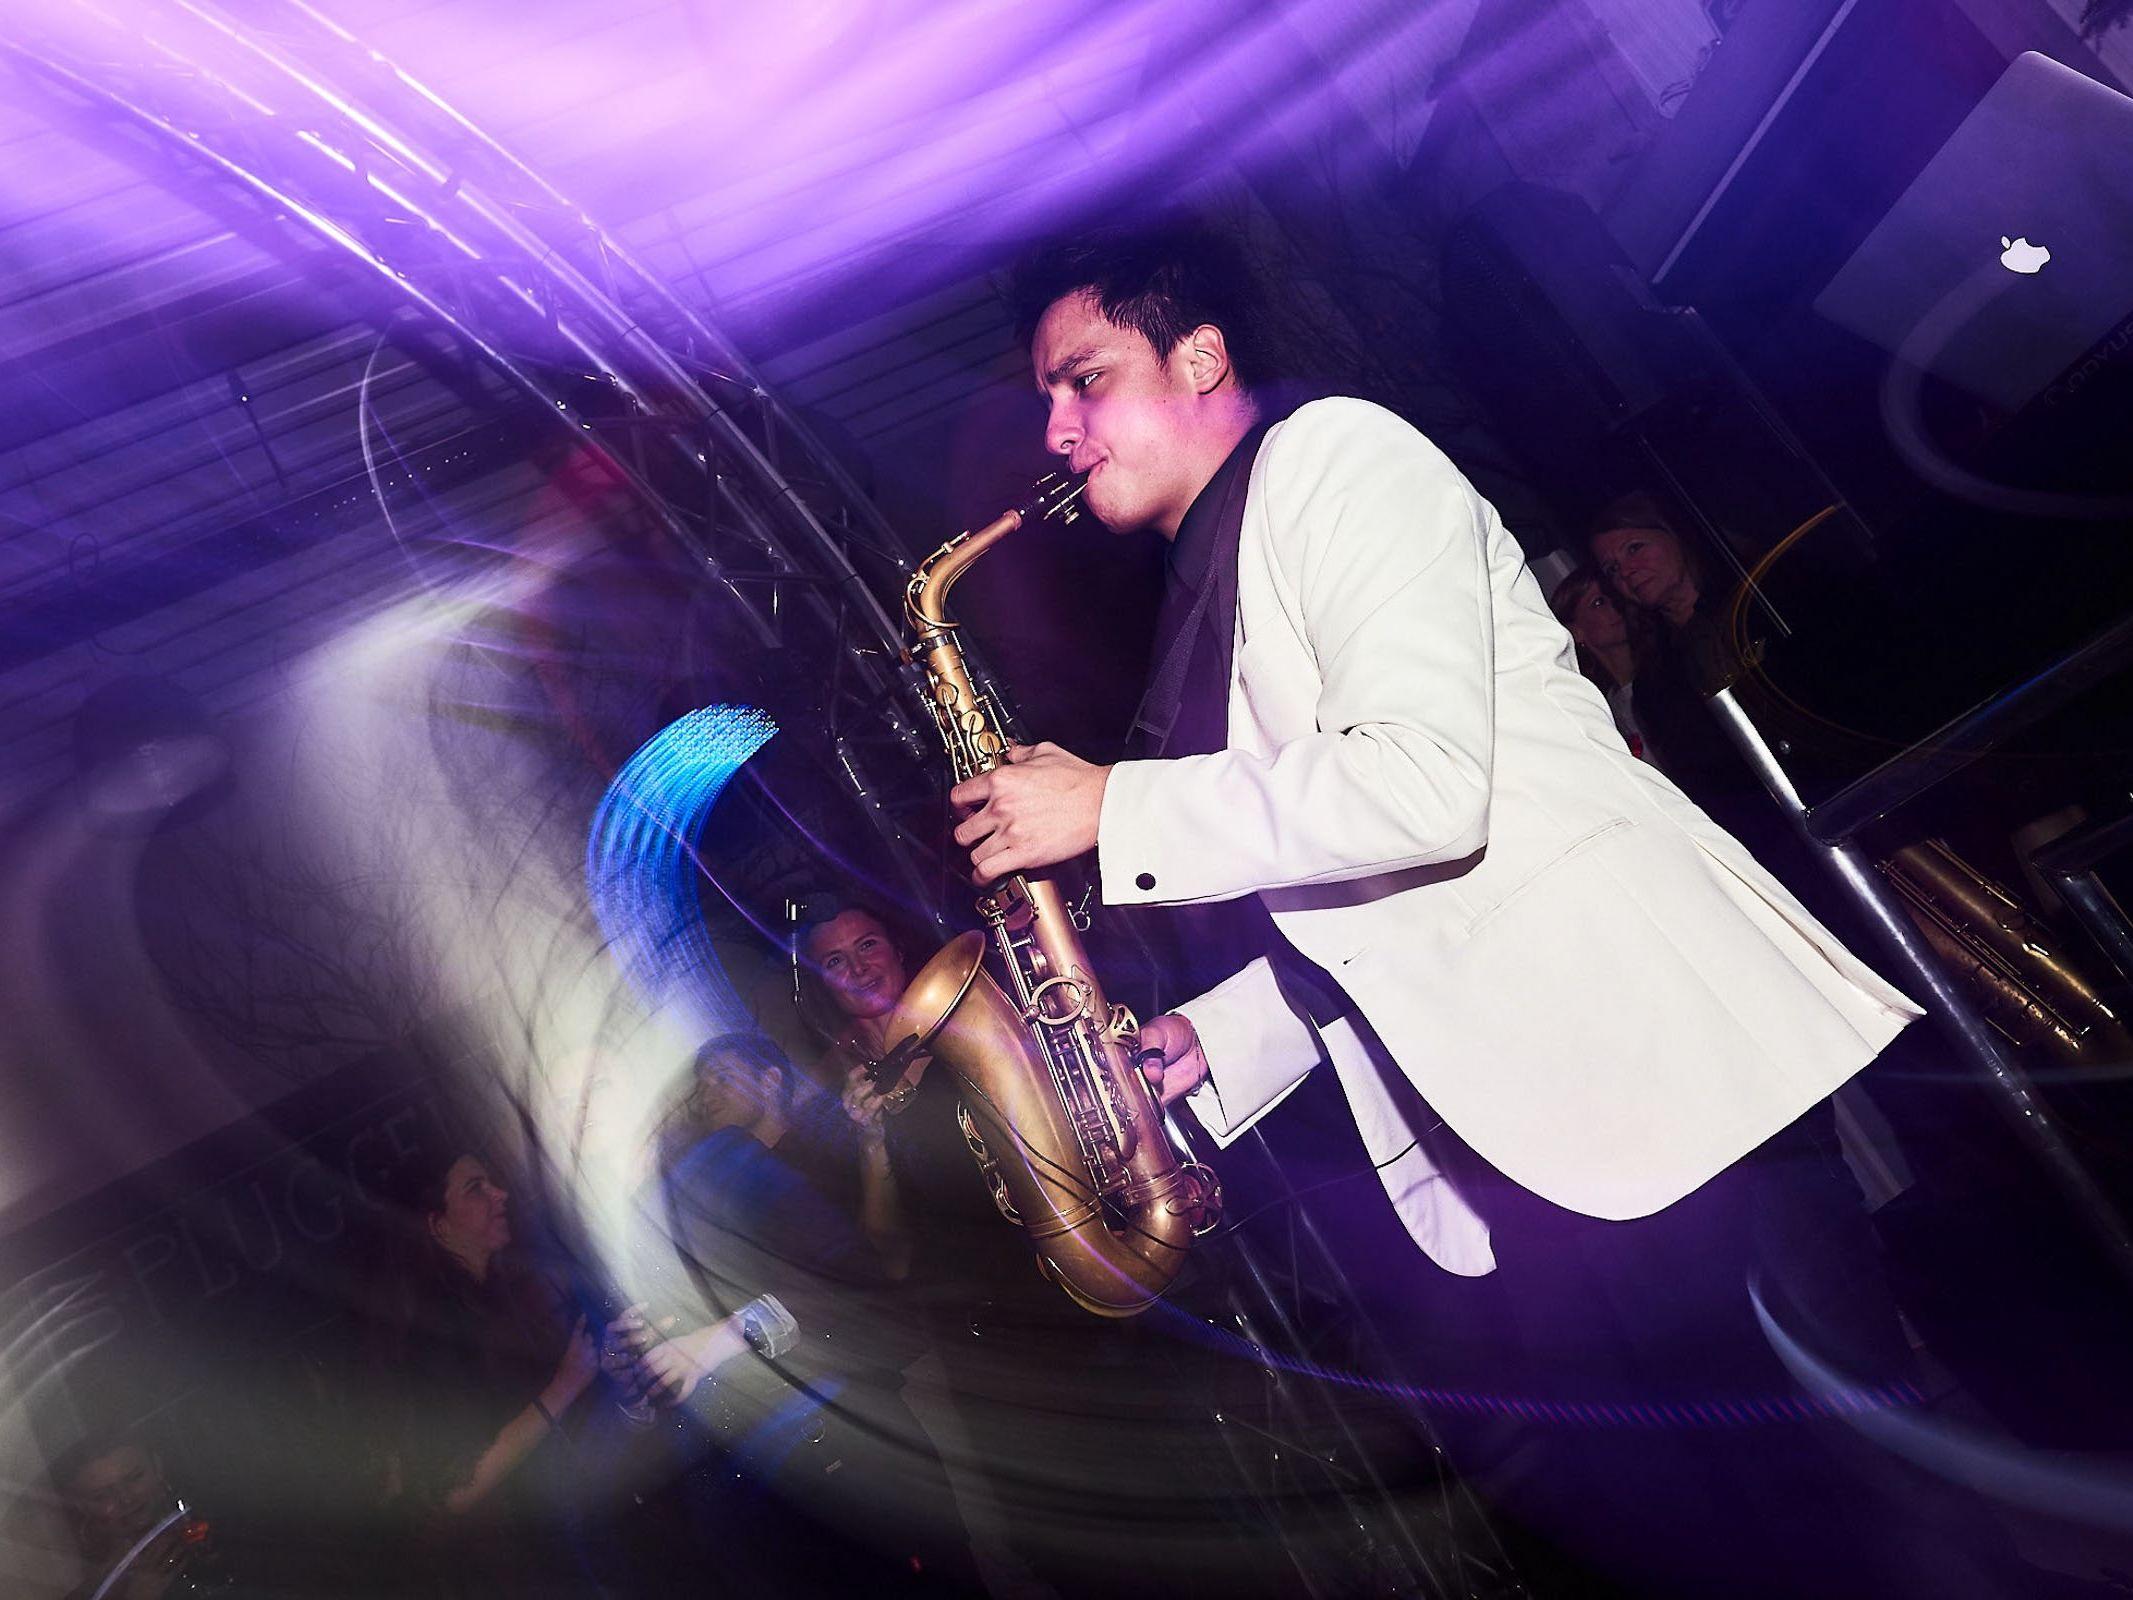 Saxophonist |Saxophon |Hannover |Hochzeit |Buchen |Empfang |Trauung |Party |Buchen |Livemusik |House |Electro |Pop |Party |Event |Hochzeit |Empfang |Messe |Firmenfeier |Mieten |Anfragen |Lehmann |Eventservice